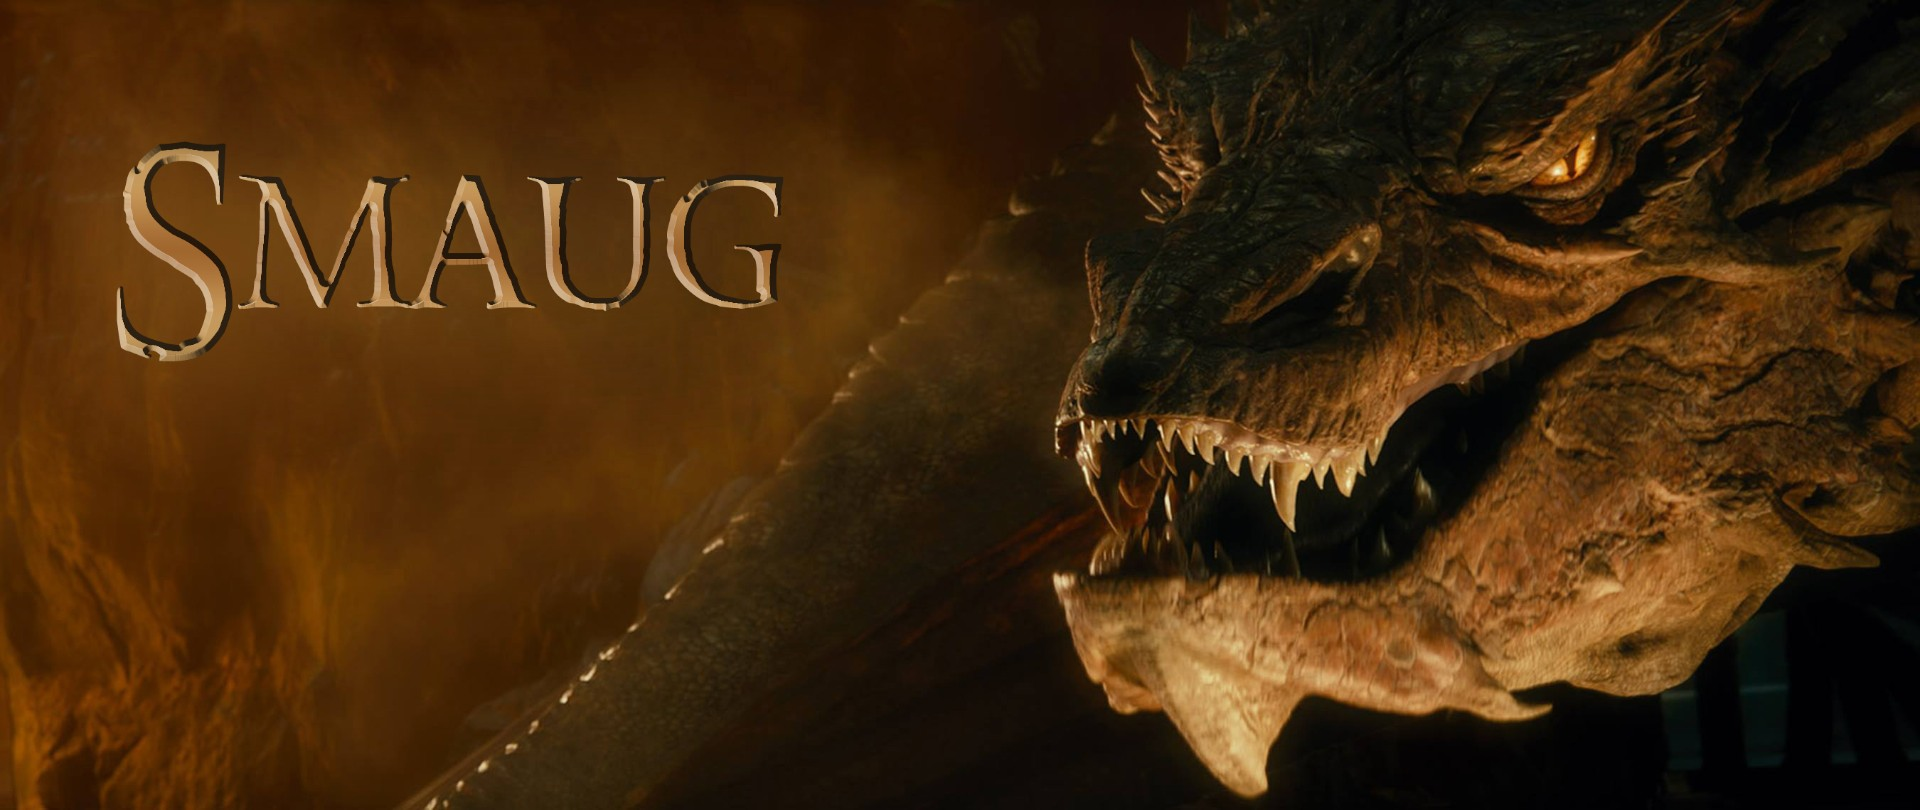 the hobbit desolation of smaug wallpaper smaug image The